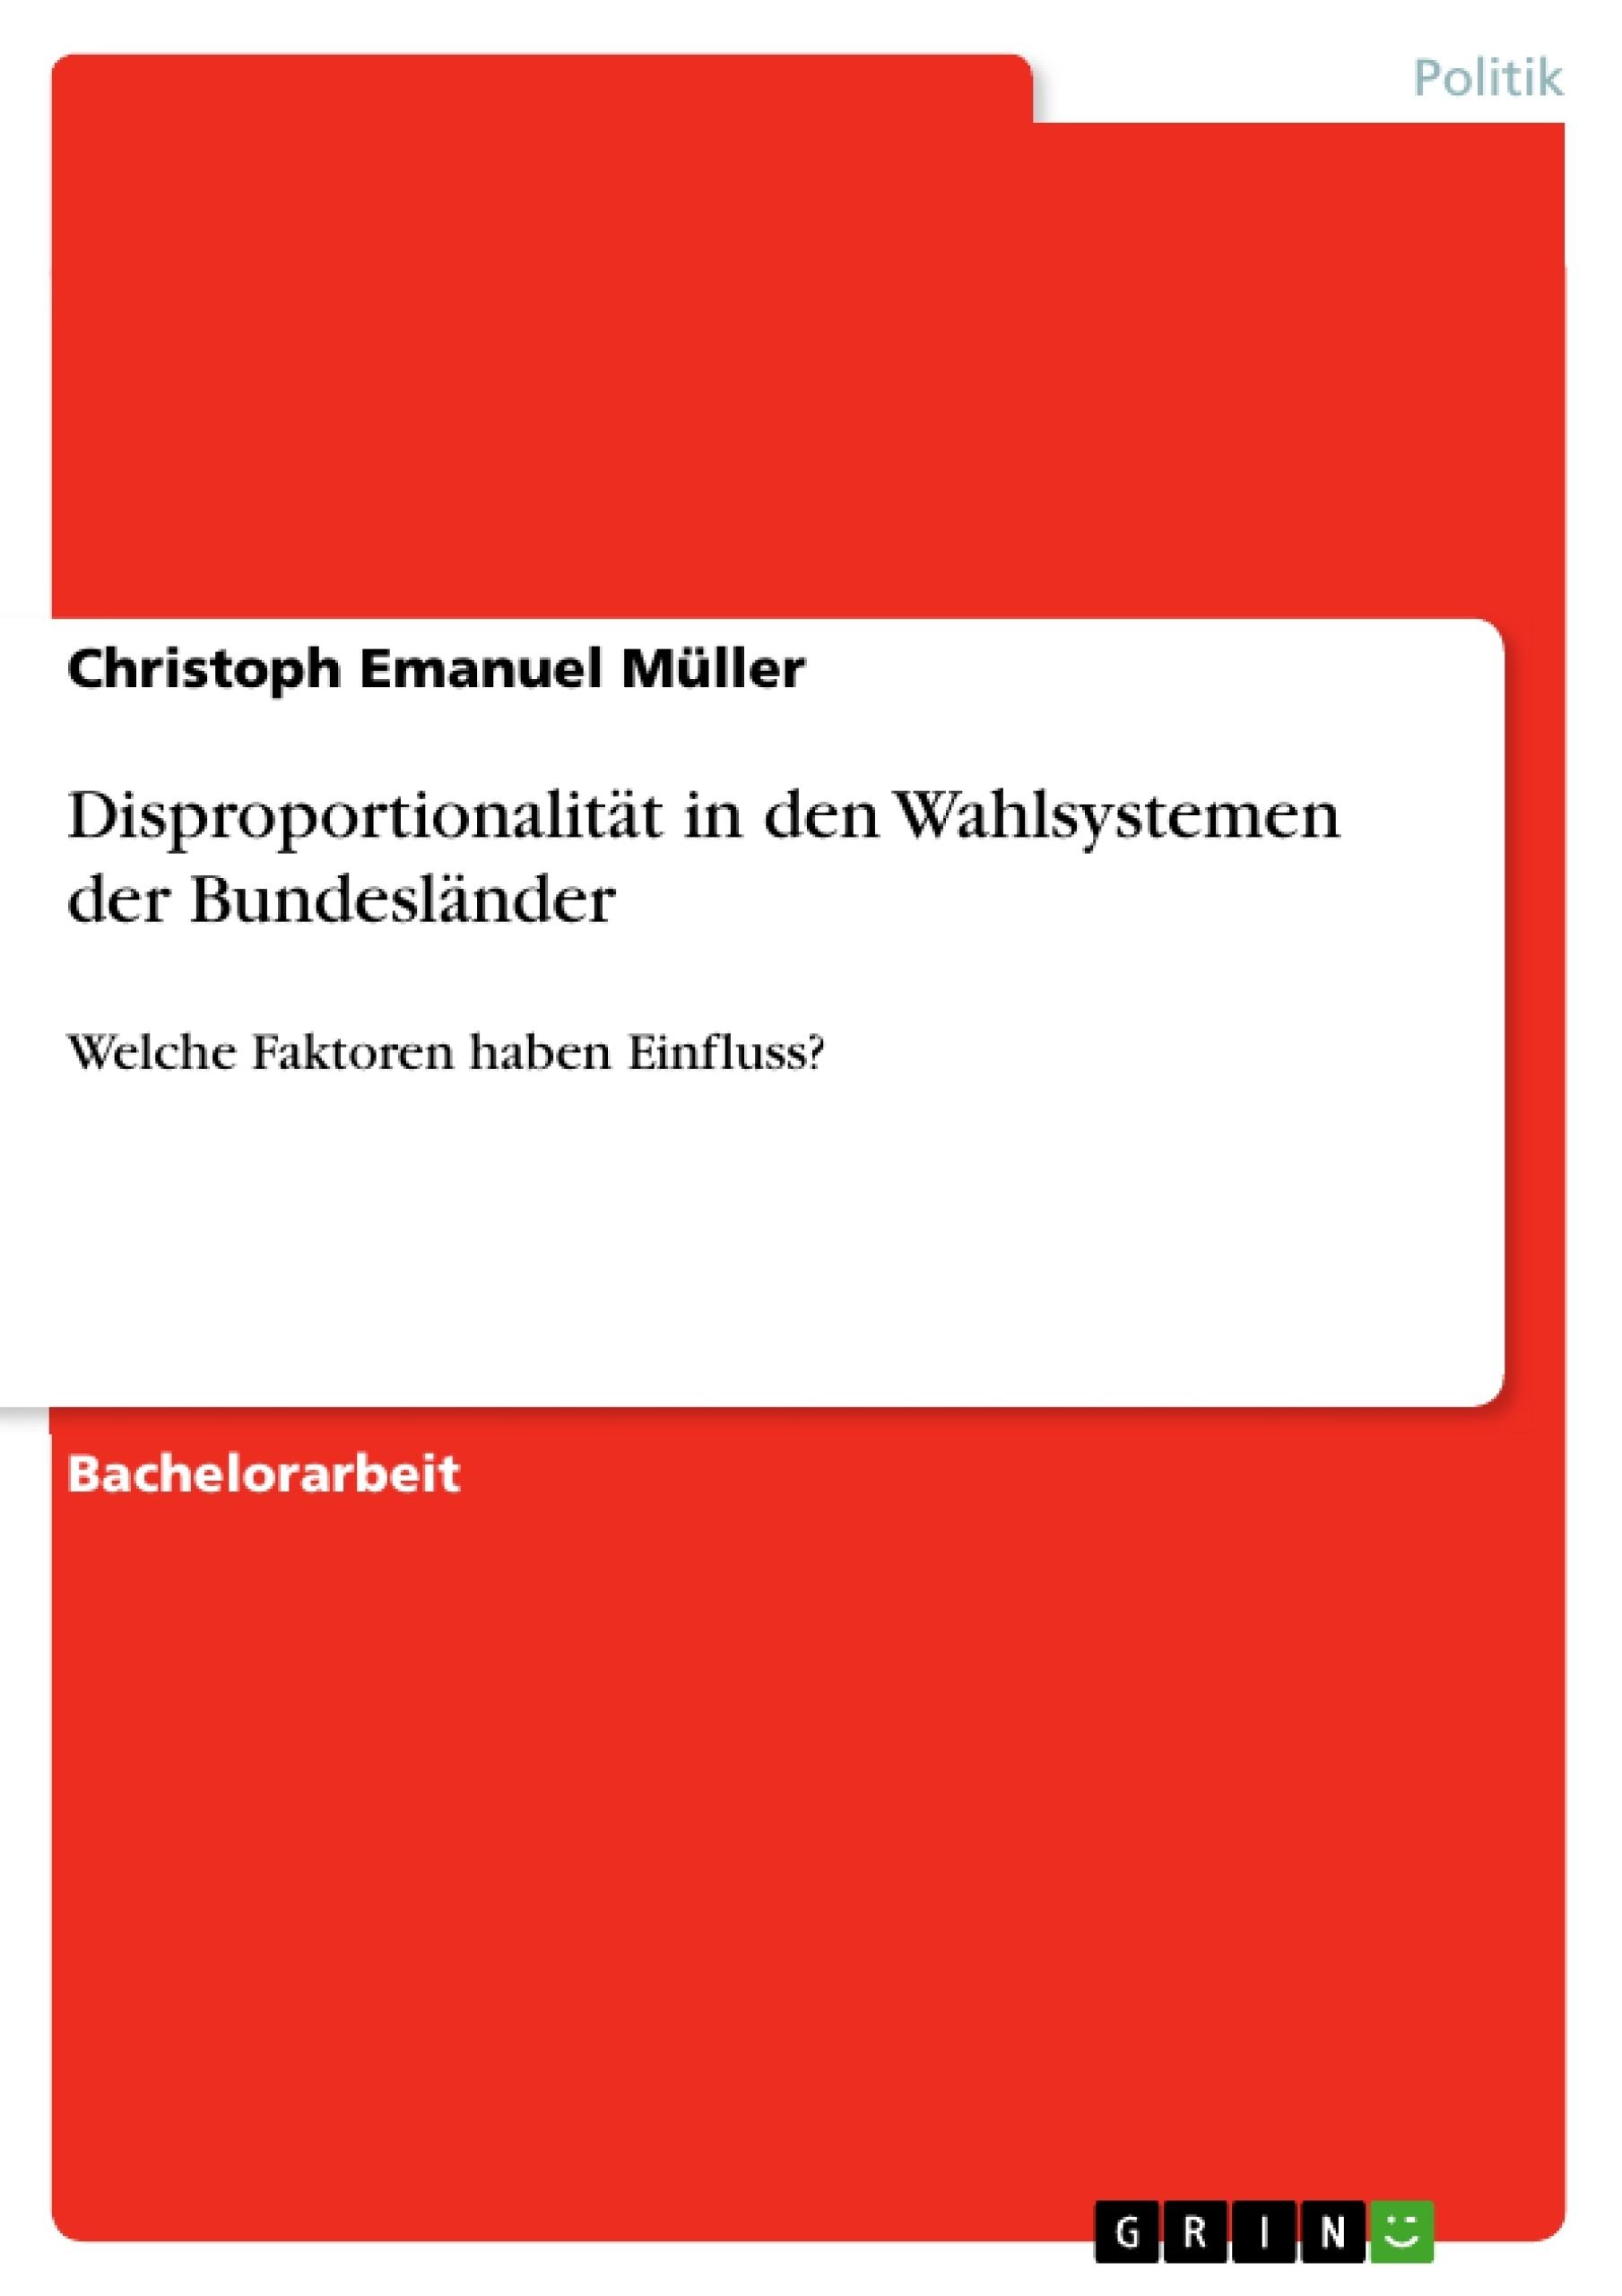 Titel: Disproportionalität in den Wahlsystemen der Bundesländer